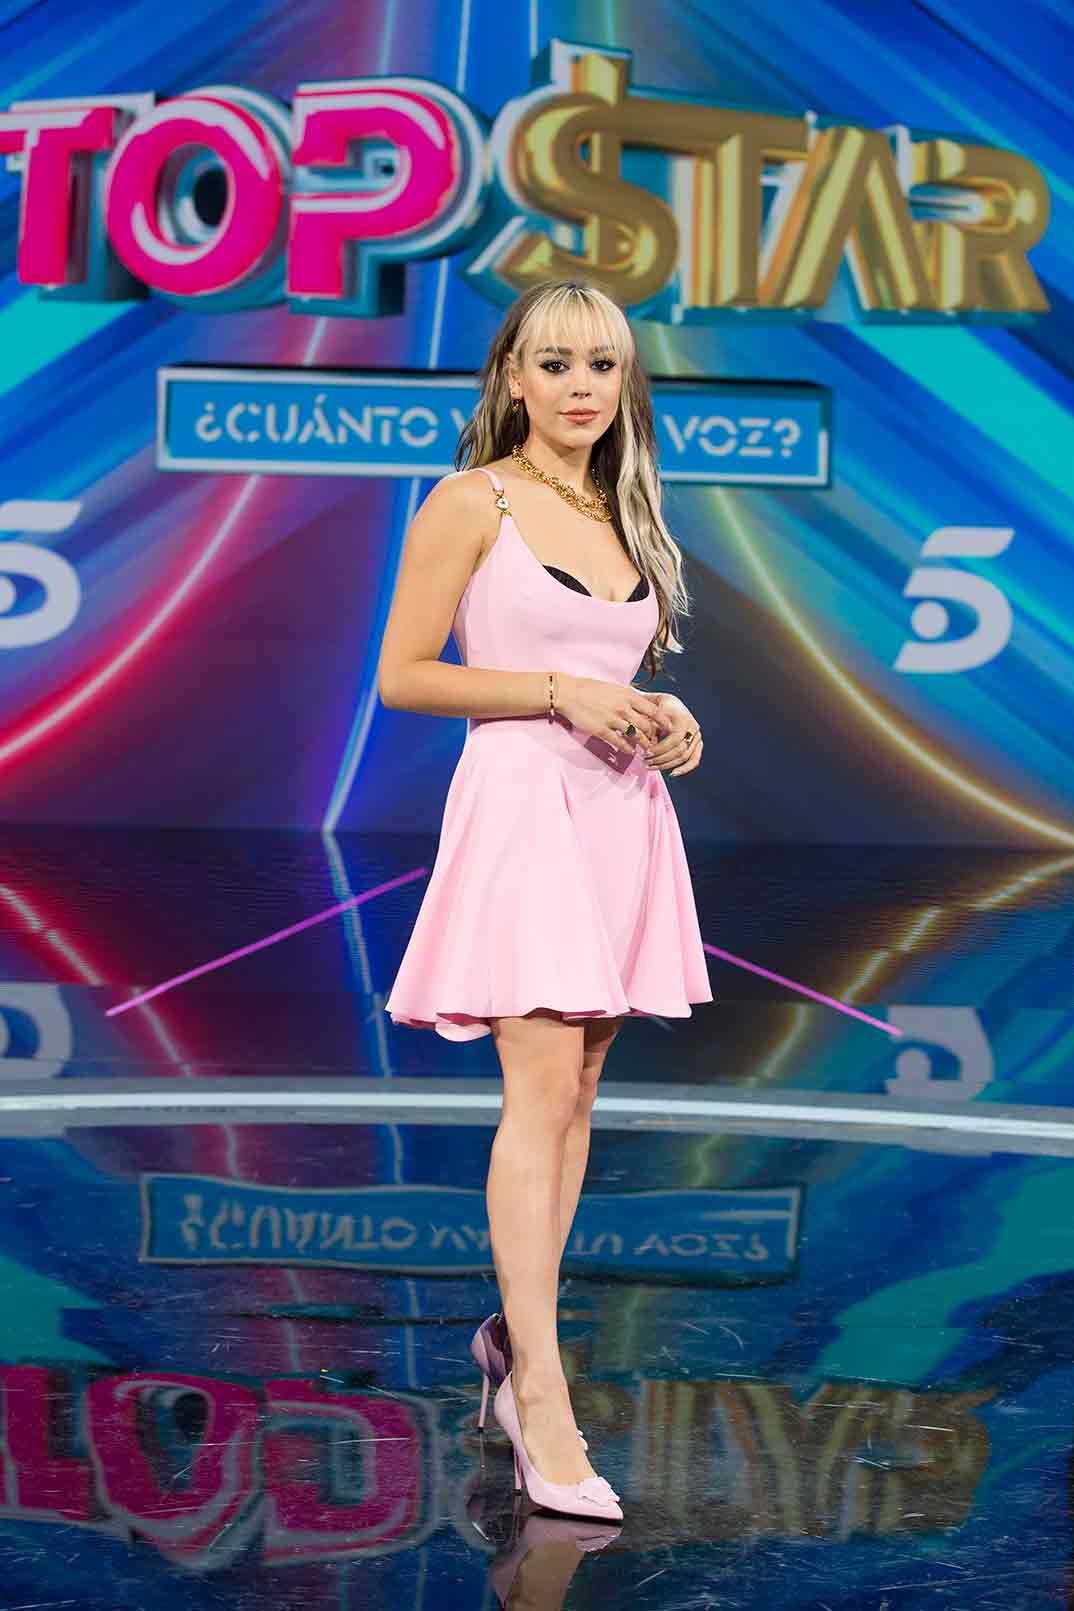 Danna Paola- Top Star © Mediaset